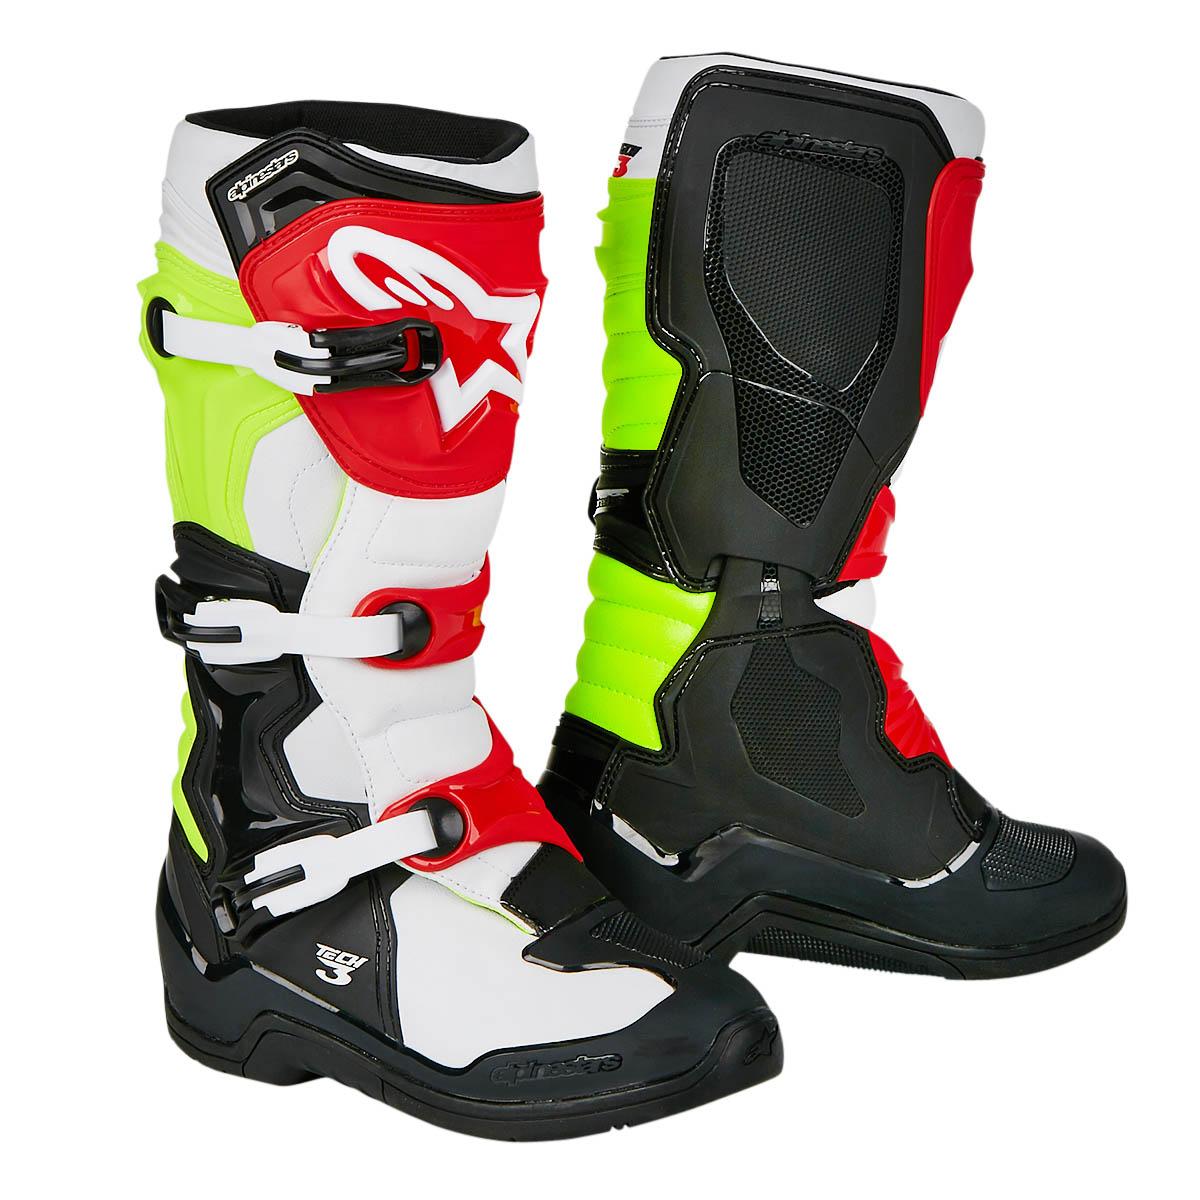 Alpinestars Motocross-Stiefel Tech 3 Schwarz/Weiß/Fluo Gelb